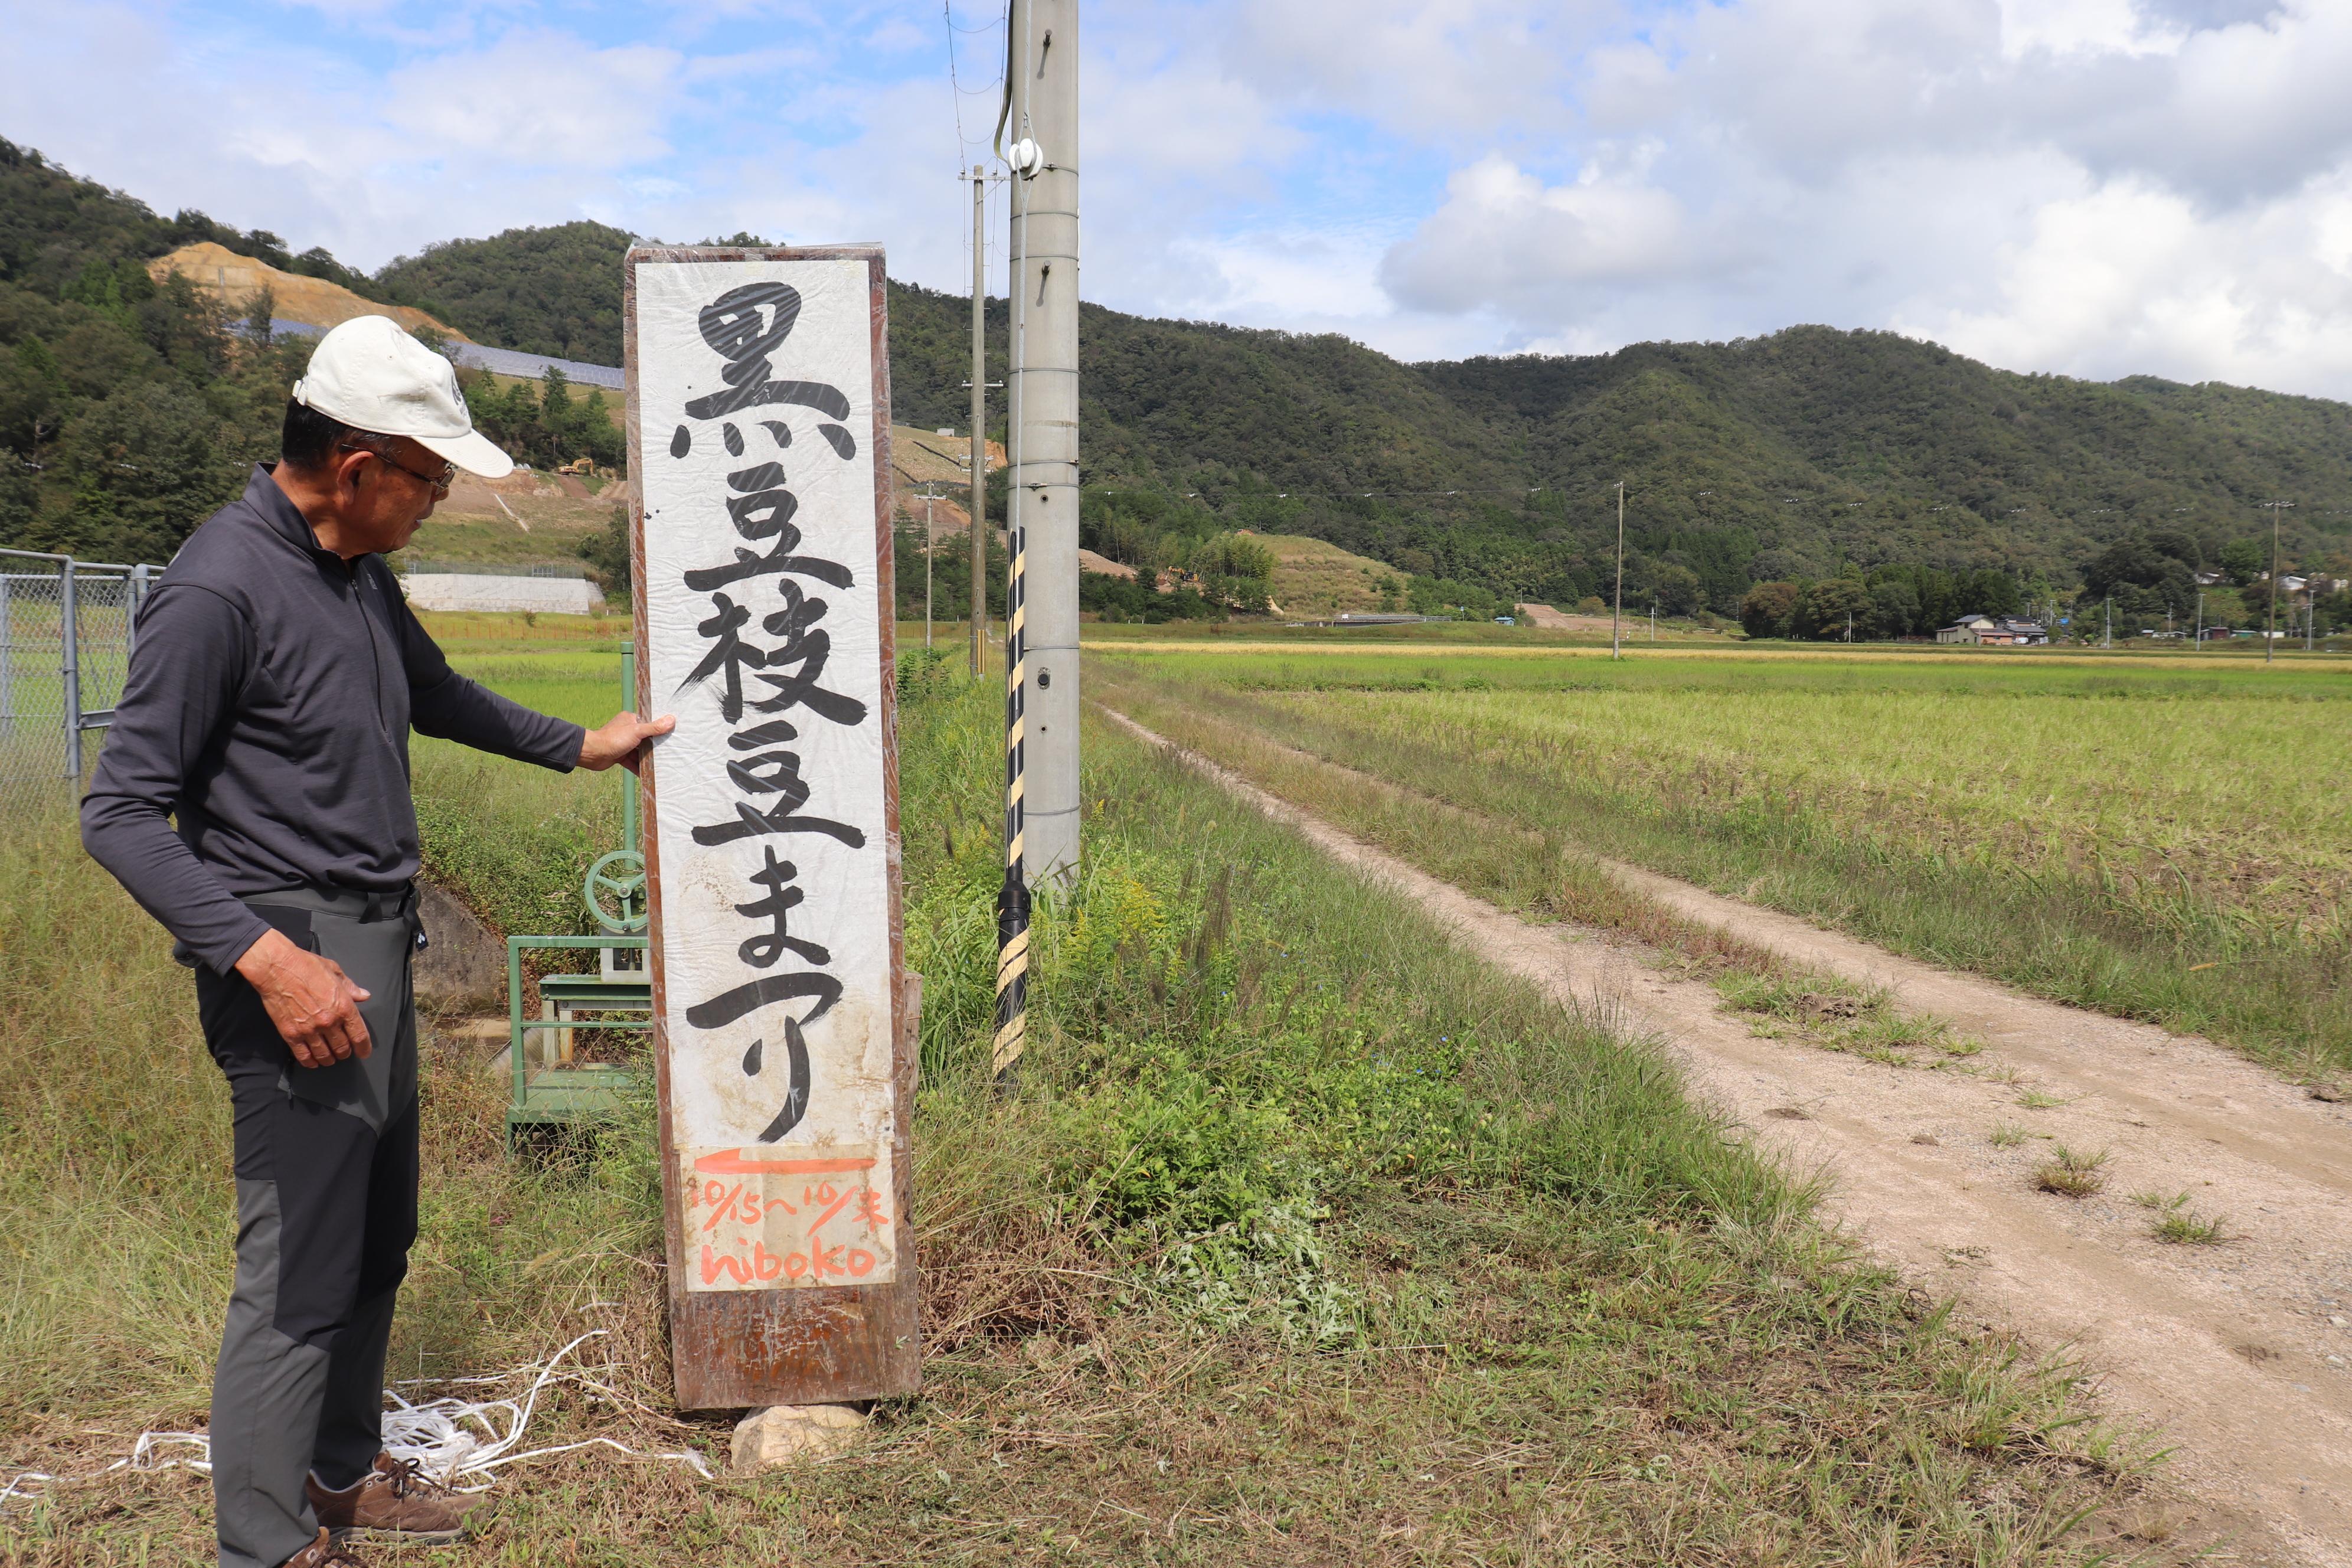 hiboko農園 看板